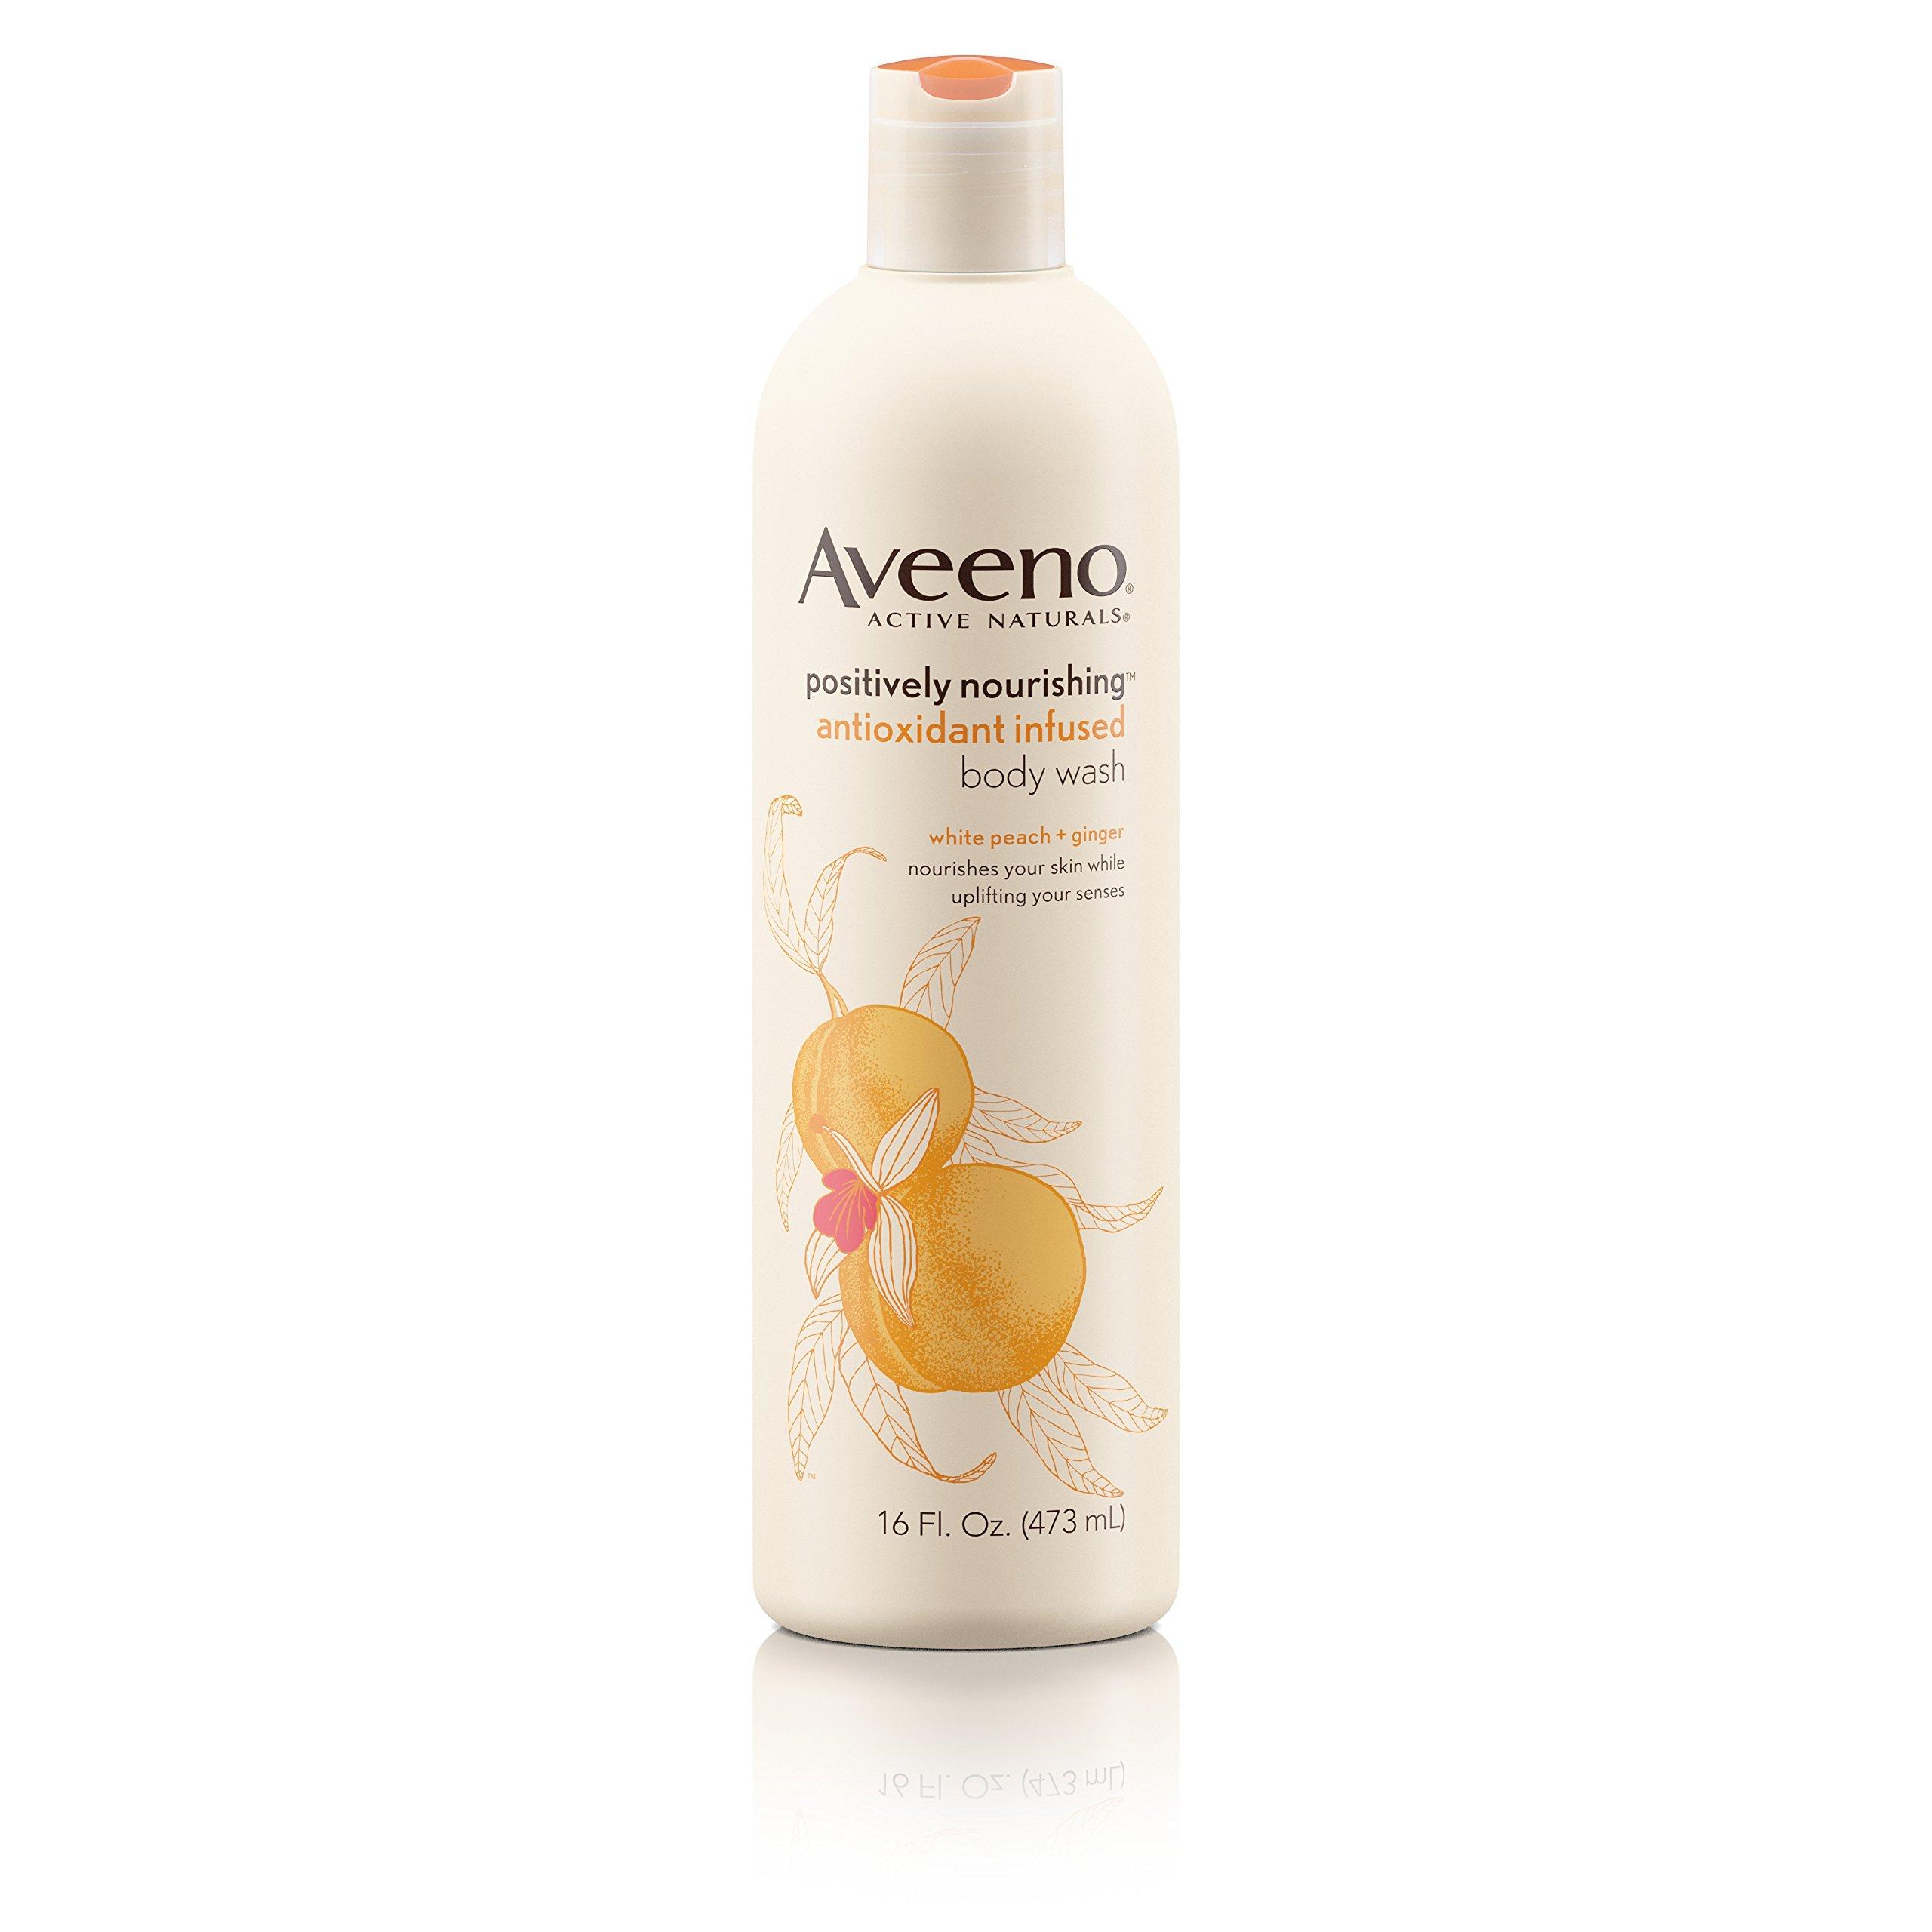 Aveeno Positively Nourishing Antioxidant Infused Moisturizing Body Wash, 16 Oz